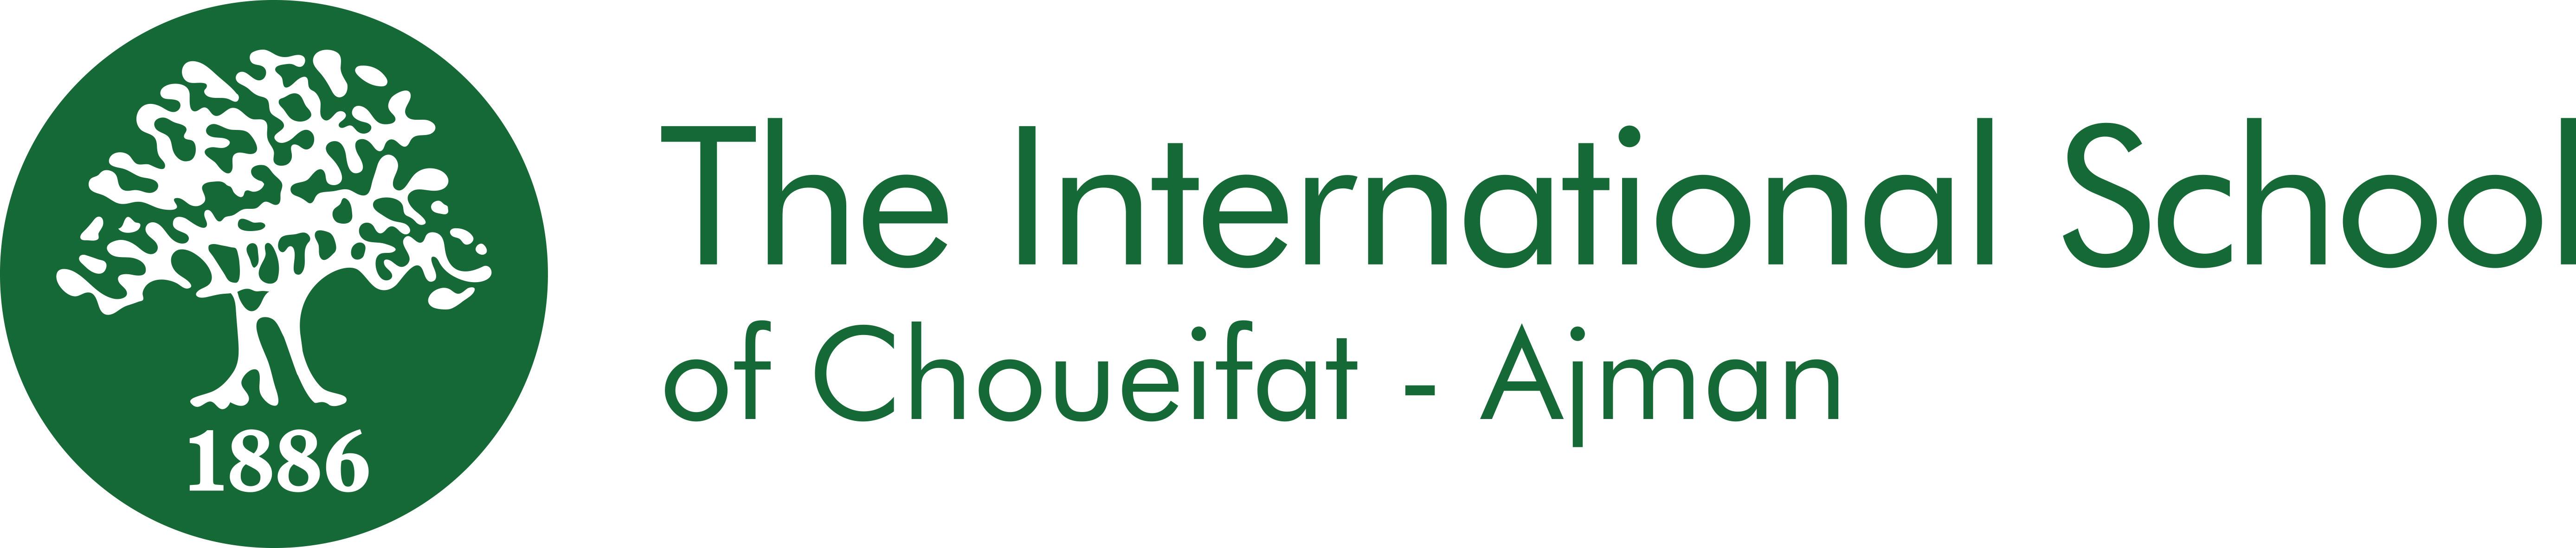 ISC-Aajman-Logo-10cm